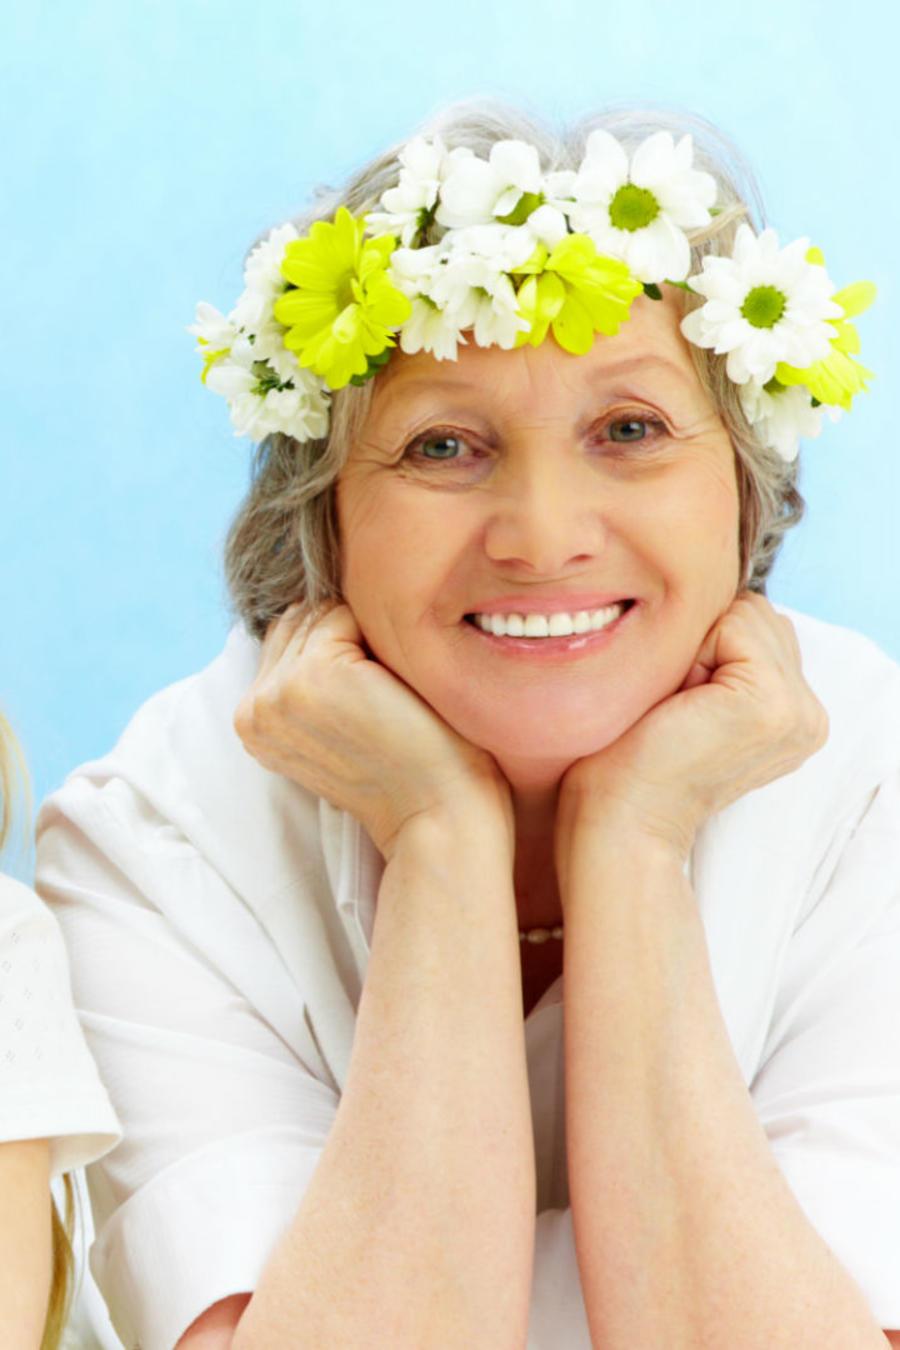 Mamá, hija y abuela sonriendo con una corona de flores en la cabeza